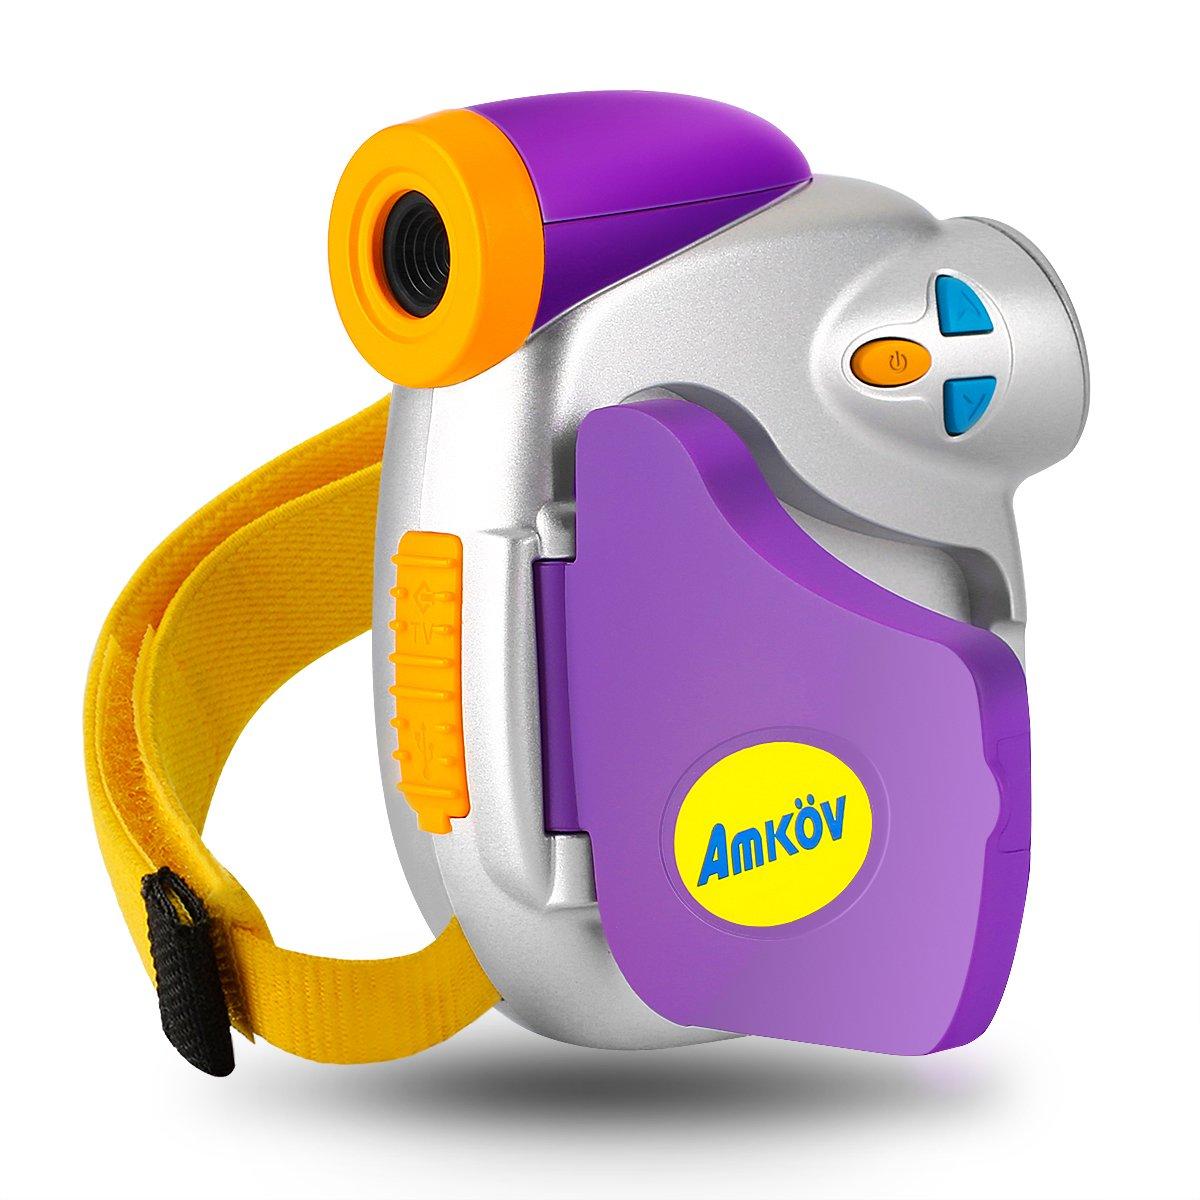 Digital Video Camera for Kids, AMKOV Kids Camcorder, 1.44 Inch Full-Color TFT Display Kids Camera